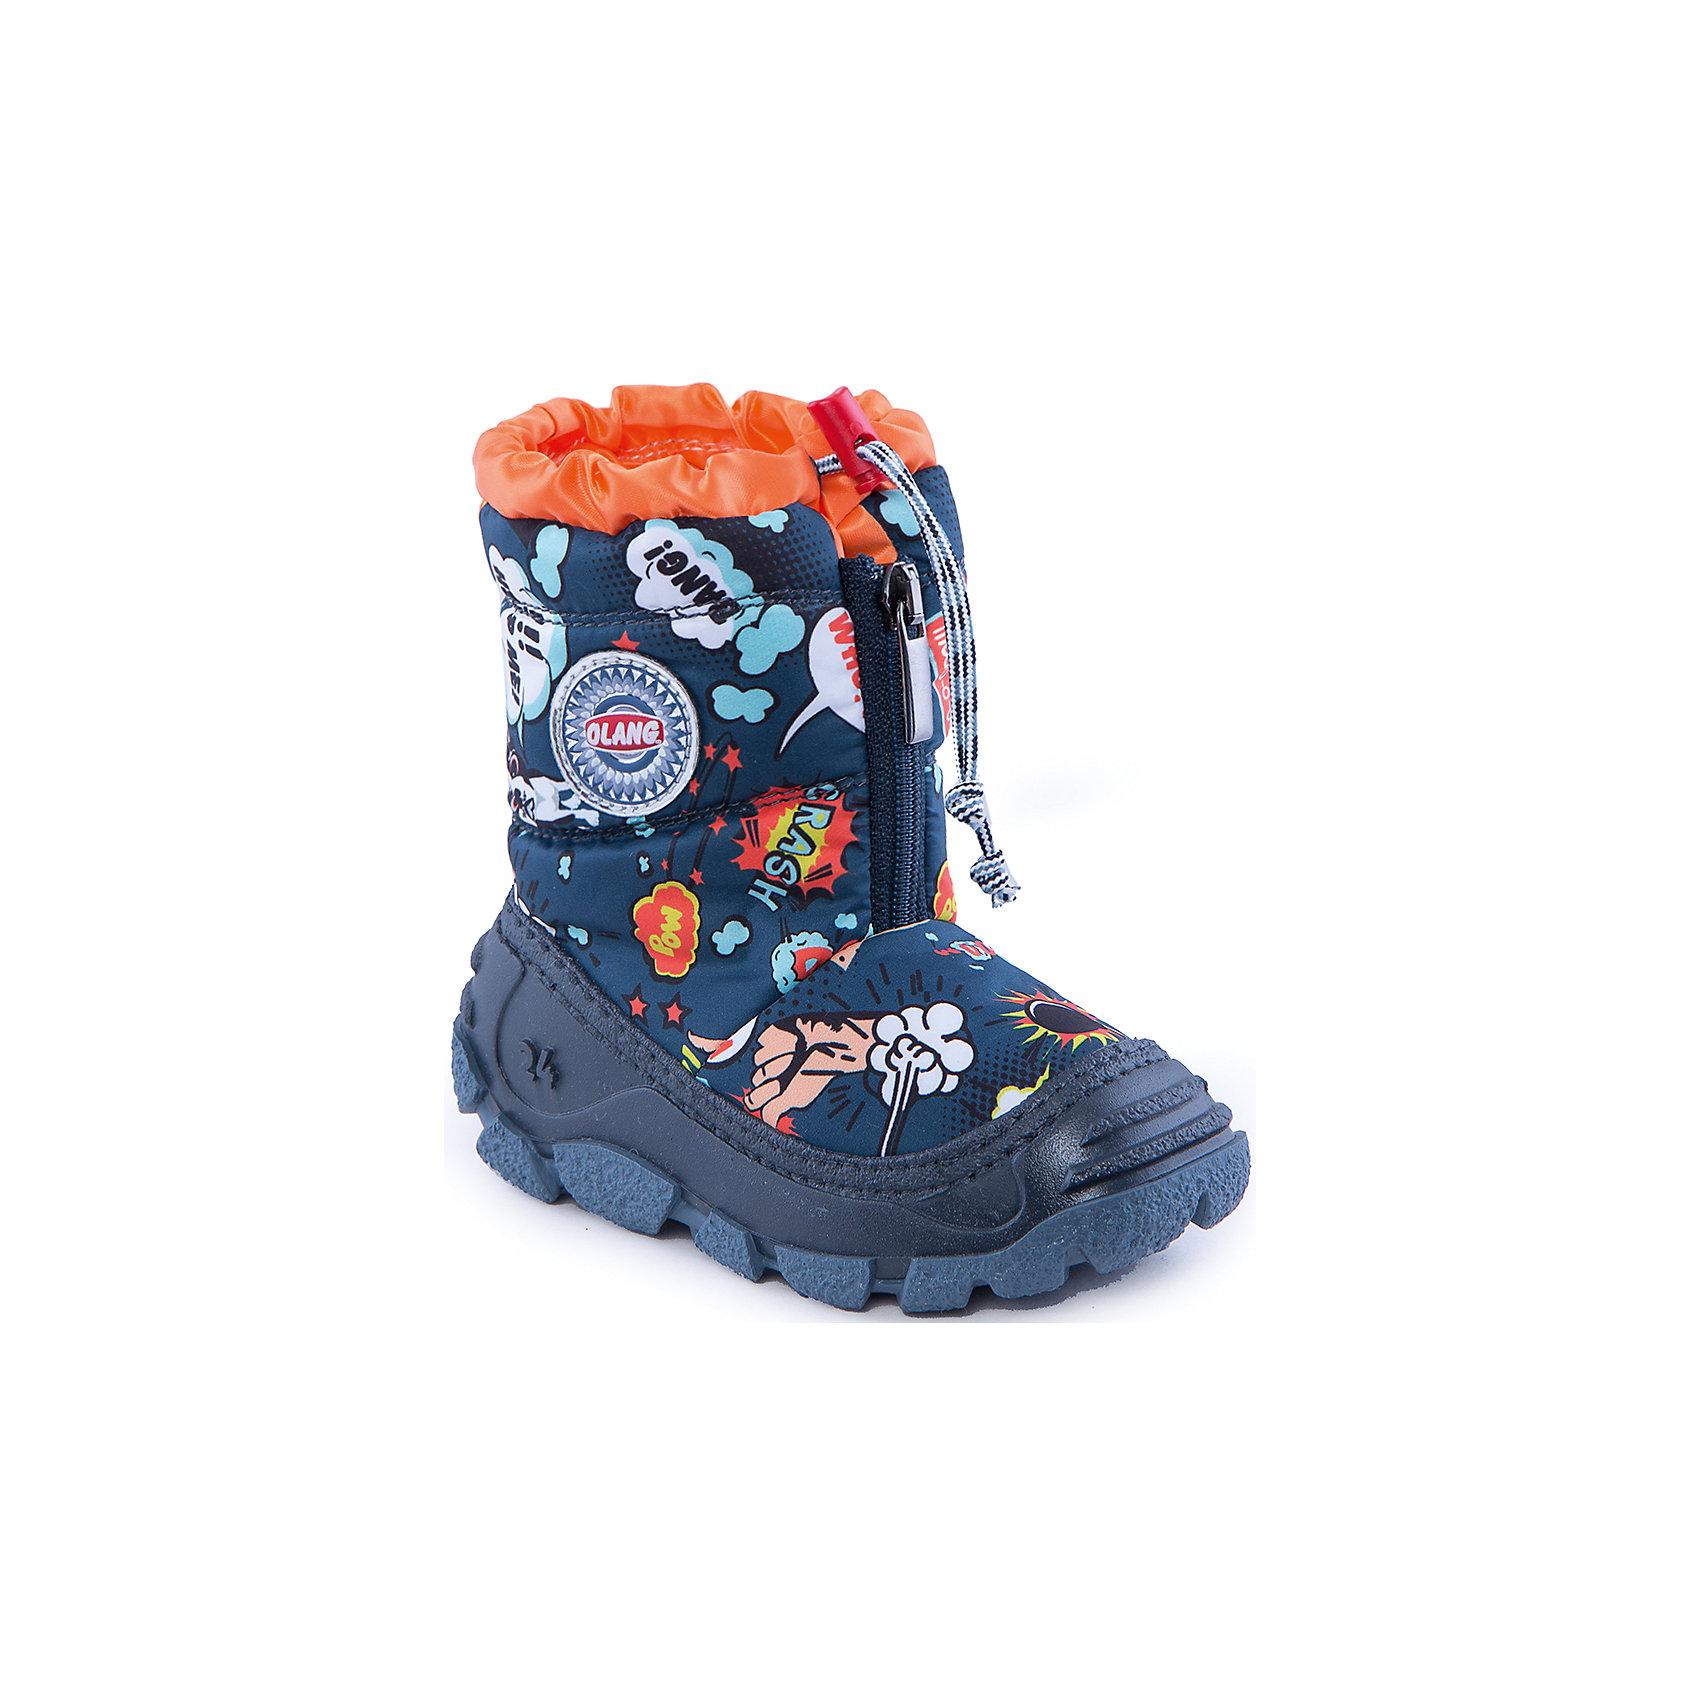 Сапоги для мальчика OlangСапоги для мальчика от известной марки Olang<br><br>Модные дутики разработаны специально для детей. <br>В холода они обеспечат детским ножкам комфорт и тепло.<br><br>Отличительные особенности модели:<br><br>- цвет: темно-синий, с принтом;<br>- устойчивая рифленая подошва;<br>- теплая стелька;<br>- усиленный носок и задник;<br>- эргономичная форма;<br>- удобная колодка;<br>- меховая подкладка;<br>- качественные материалы;<br>- высокое голенище;<br>- застежка-молния впереди, утяжка.<br><br>Дополнительная информация:<br><br>- Температурный режим: от - 20° С  до +5° С.<br><br>- Состав:<br><br>материал верха: 80% текстиль, 20% полиуретан<br>материал подкладки: искусственный мех<br>подошва: 70% ЭВА, 30% натуральная резина<br><br>Сапоги для мальчика Olang (Оланг) можно купить в нашем магазине.<br><br>Ширина мм: 257<br>Глубина мм: 180<br>Высота мм: 130<br>Вес г: 420<br>Цвет: синий<br>Возраст от месяцев: 24<br>Возраст до месяцев: 24<br>Пол: Мужской<br>Возраст: Детский<br>Размер: 25/26,27/28,29/30,23/24<br>SKU: 4279321